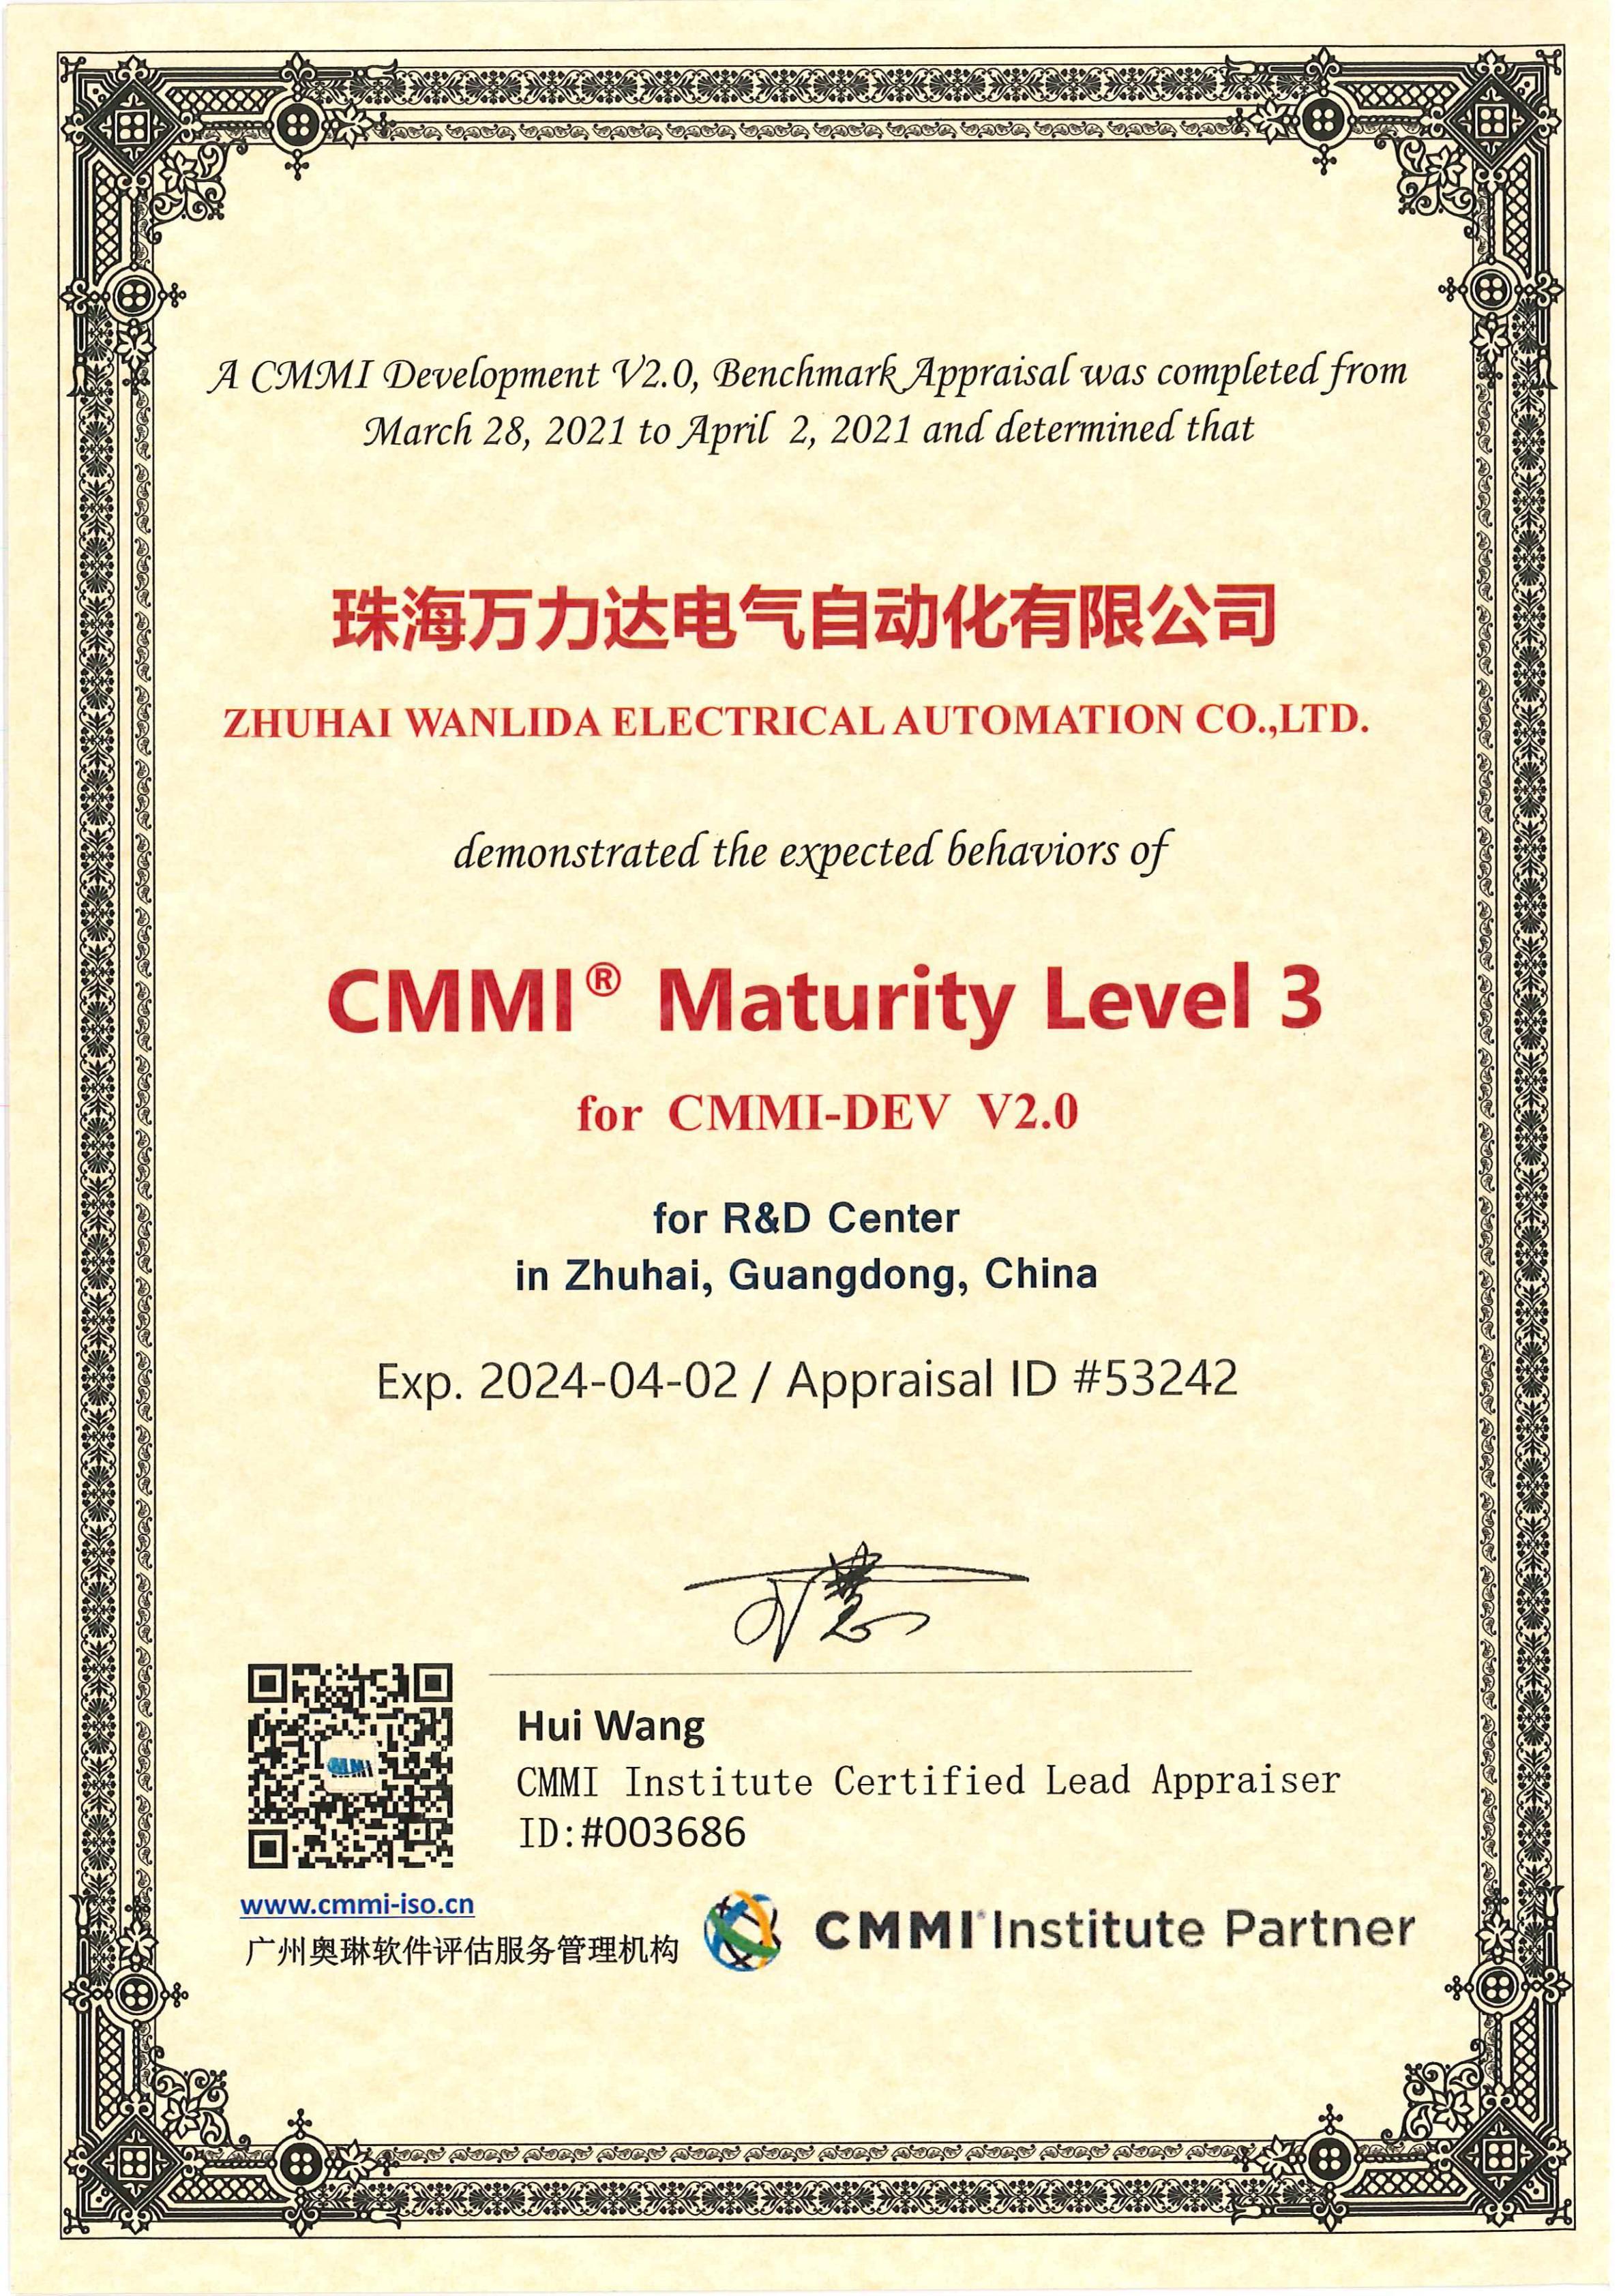 <span><span>國際軟件標準化體系認證</span>(<span>CMMI3</span>)</span>